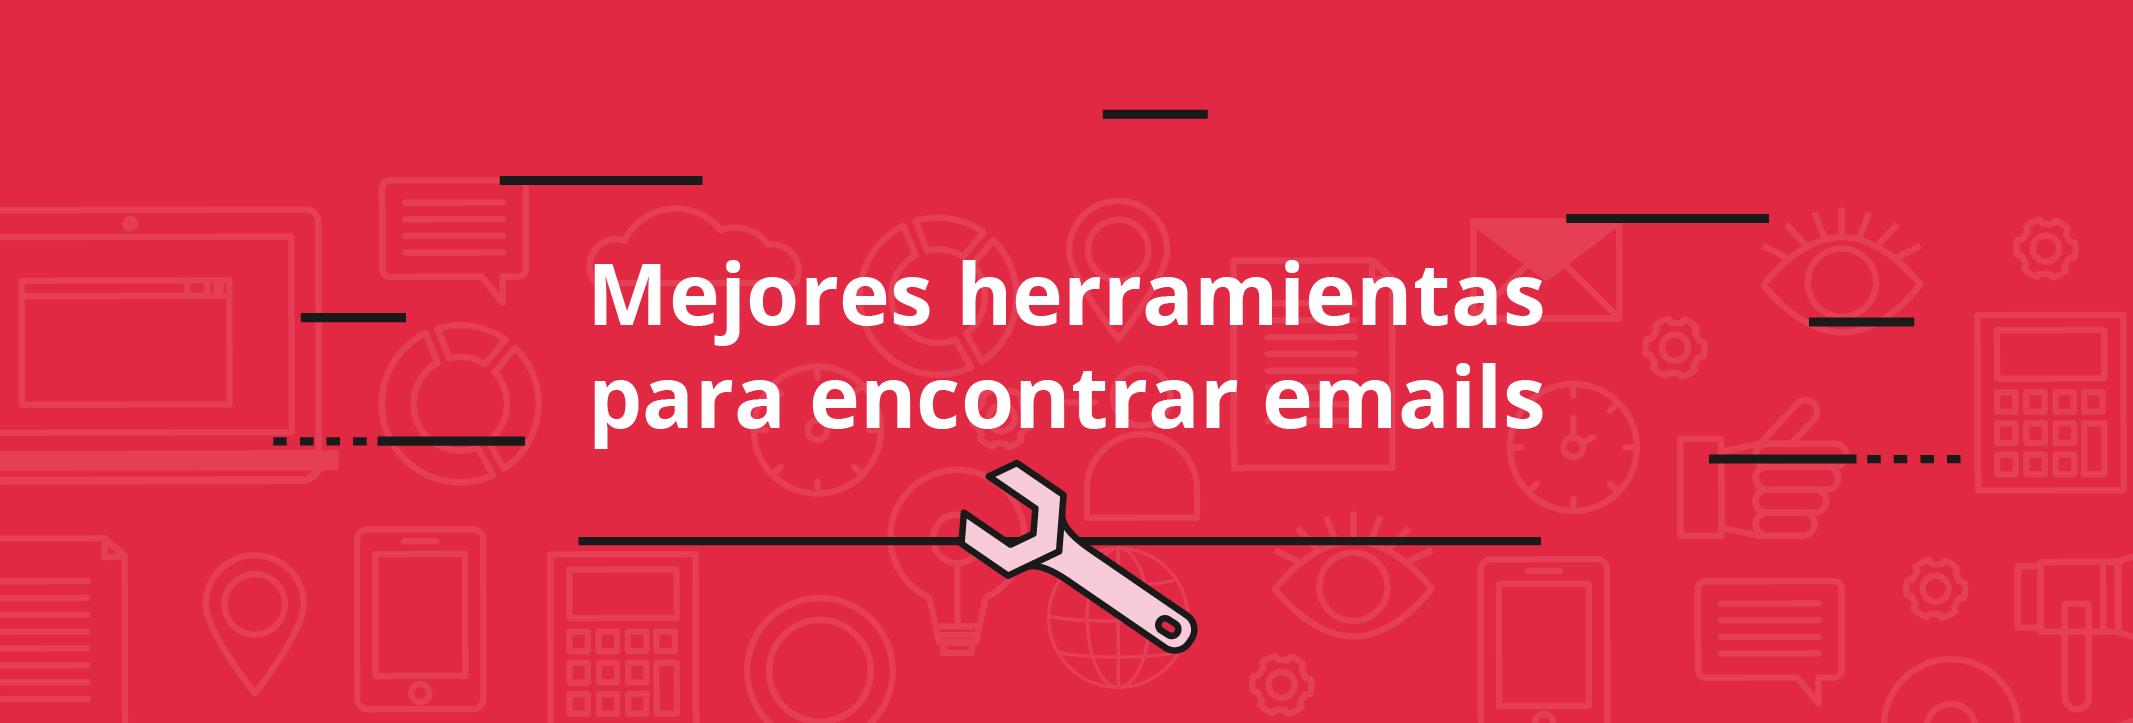 Mejores herramientas para encontrar emails